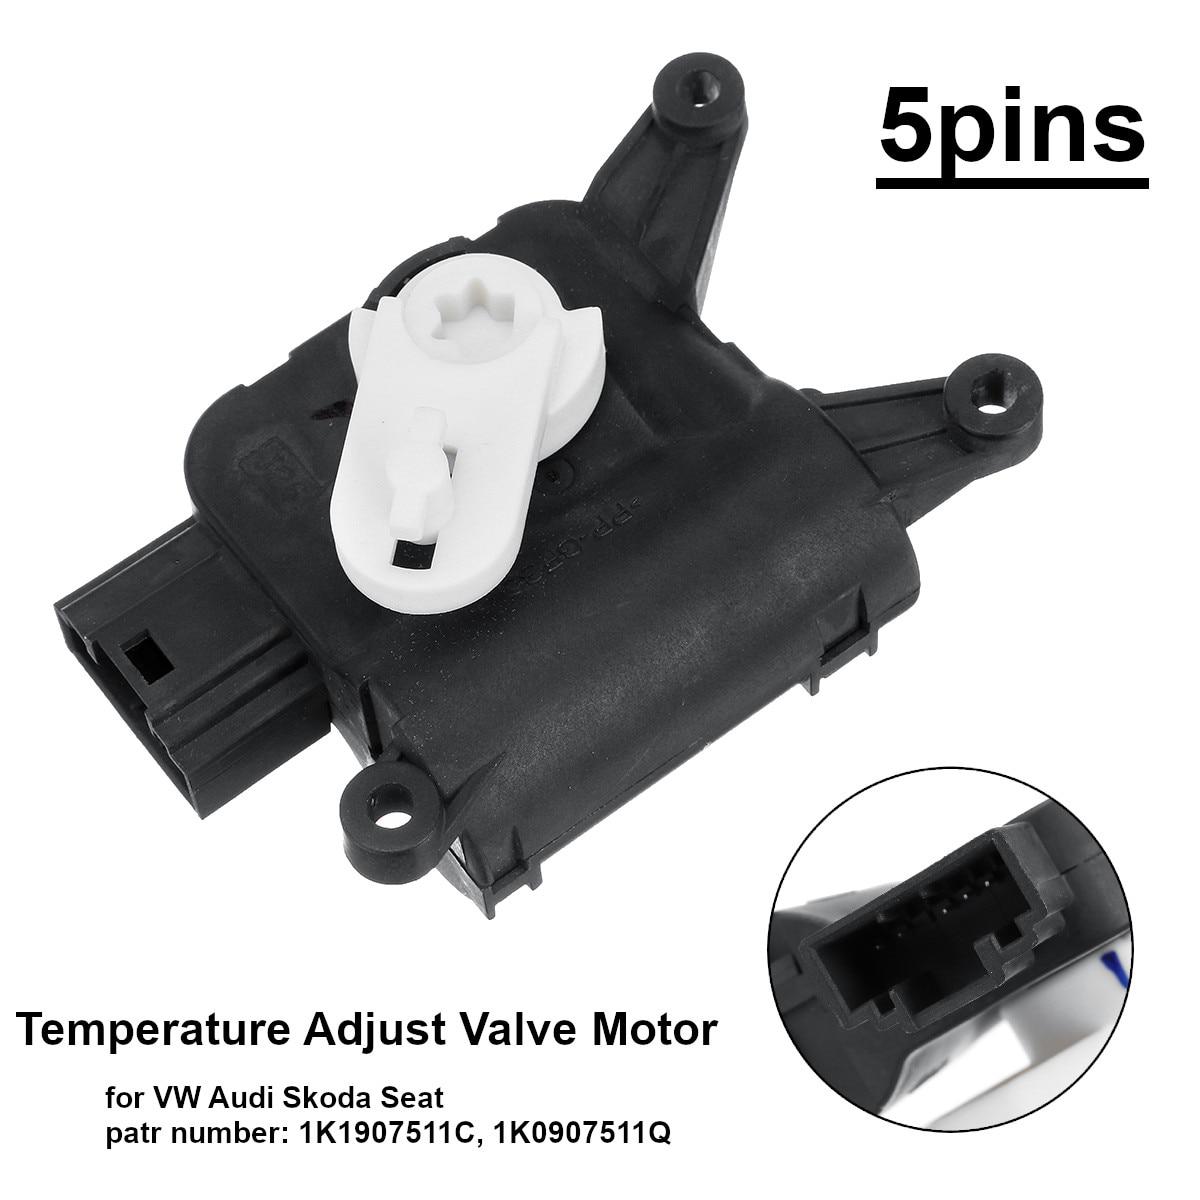 1K1907511C 1KD907511C Temperatur Einstellen Ventil Servo Motor 5 Pin Für VW EOS Golf GTI Jetta MK5 MK6 Touran Für Audi a3 Q3 TT AC